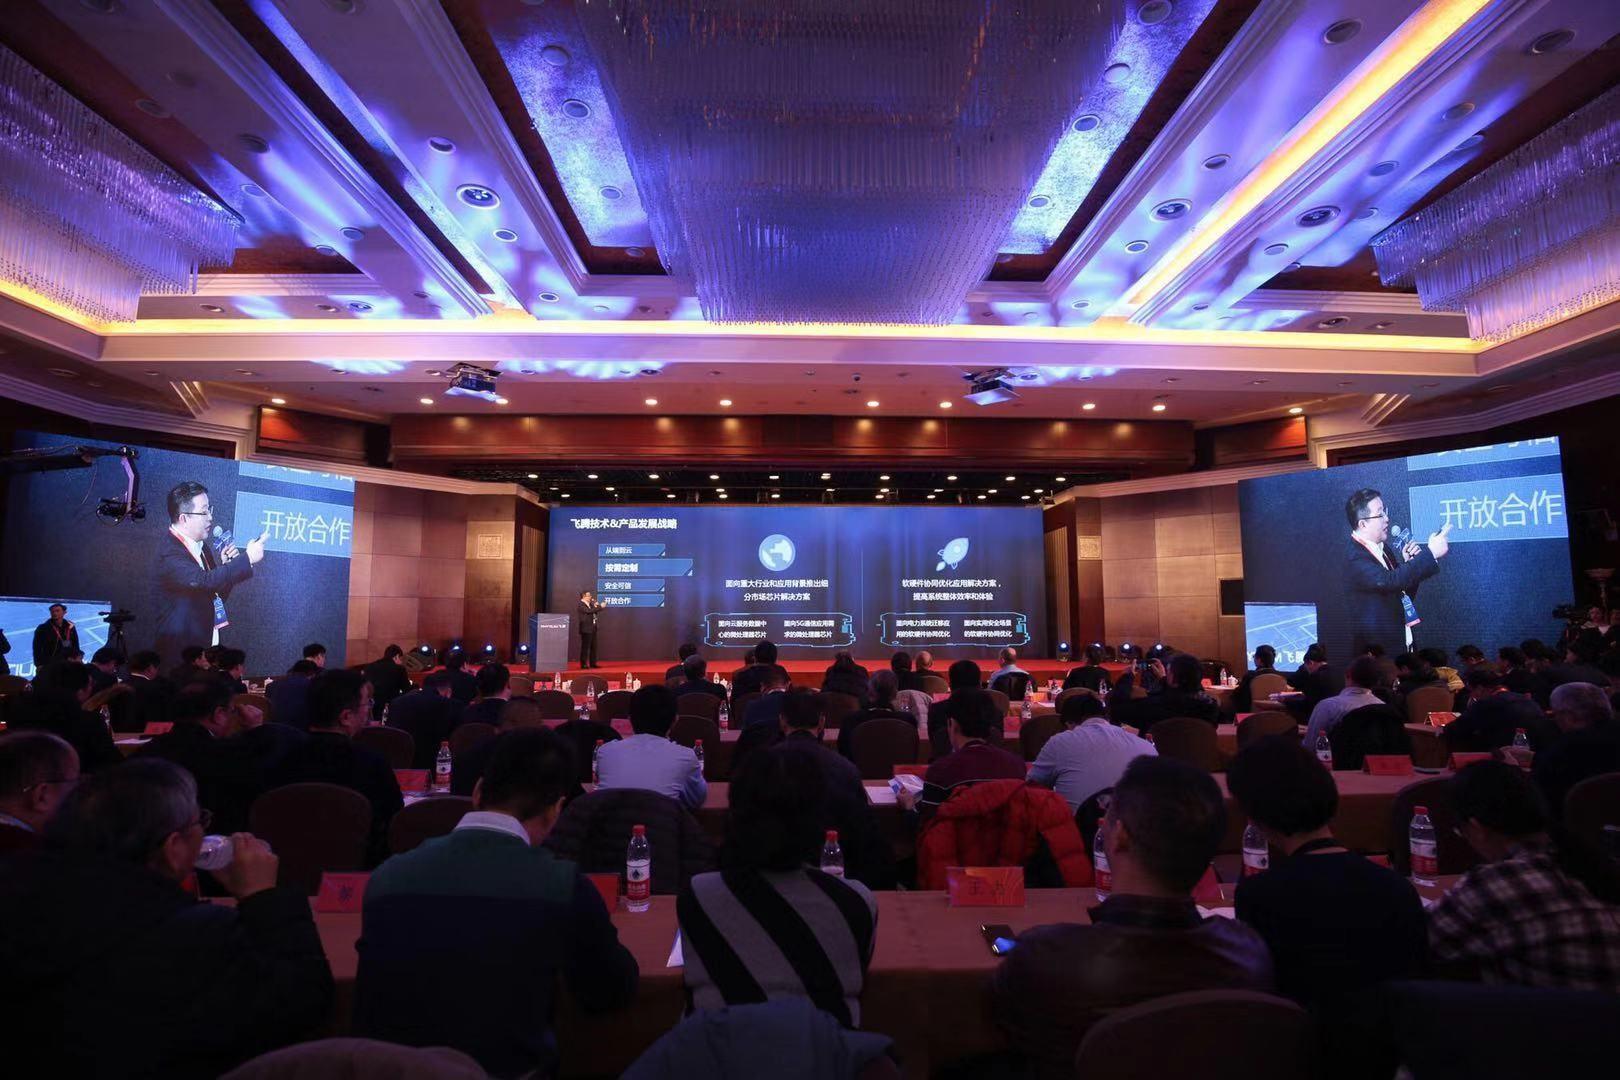 同心筑生态,前路共飞腾——飞腾CPU首届生态合作伙伴大会在京隆重举行!